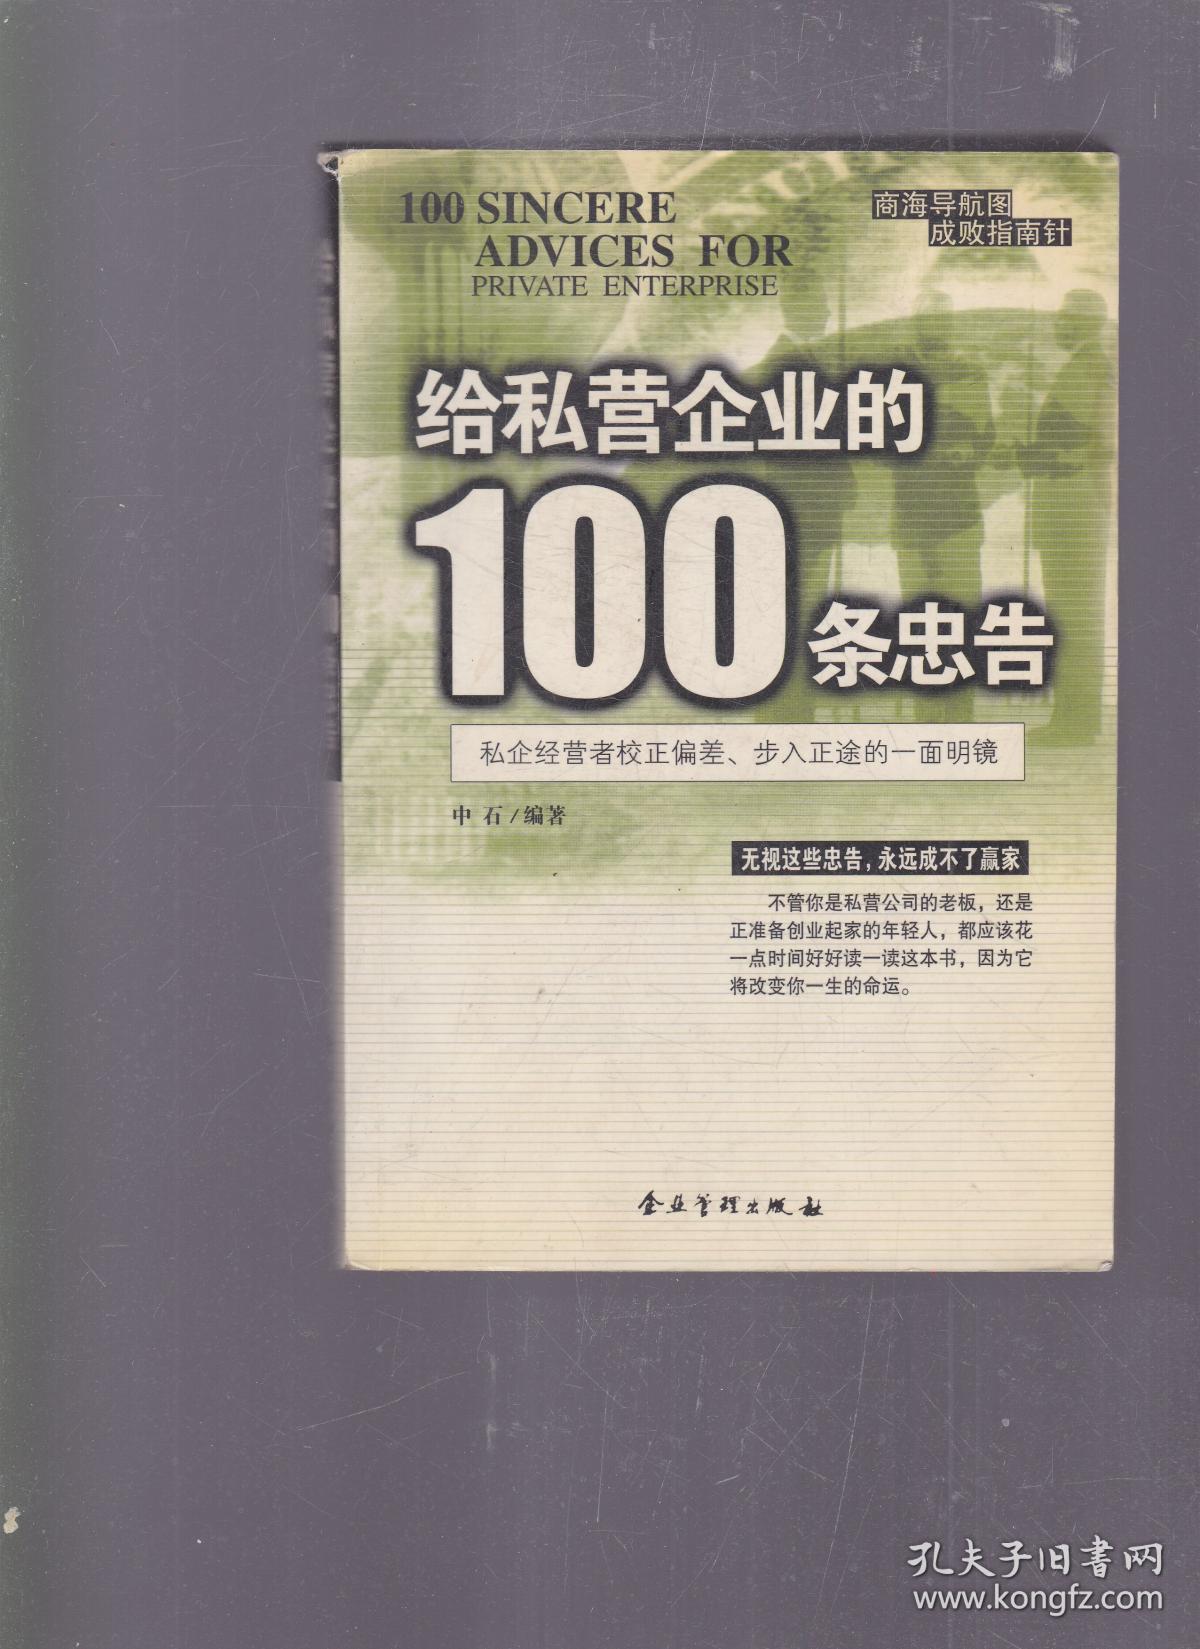 给私营企业的100条忠告(牛仔少许v忠告)深圳市福田区牛书脊图片